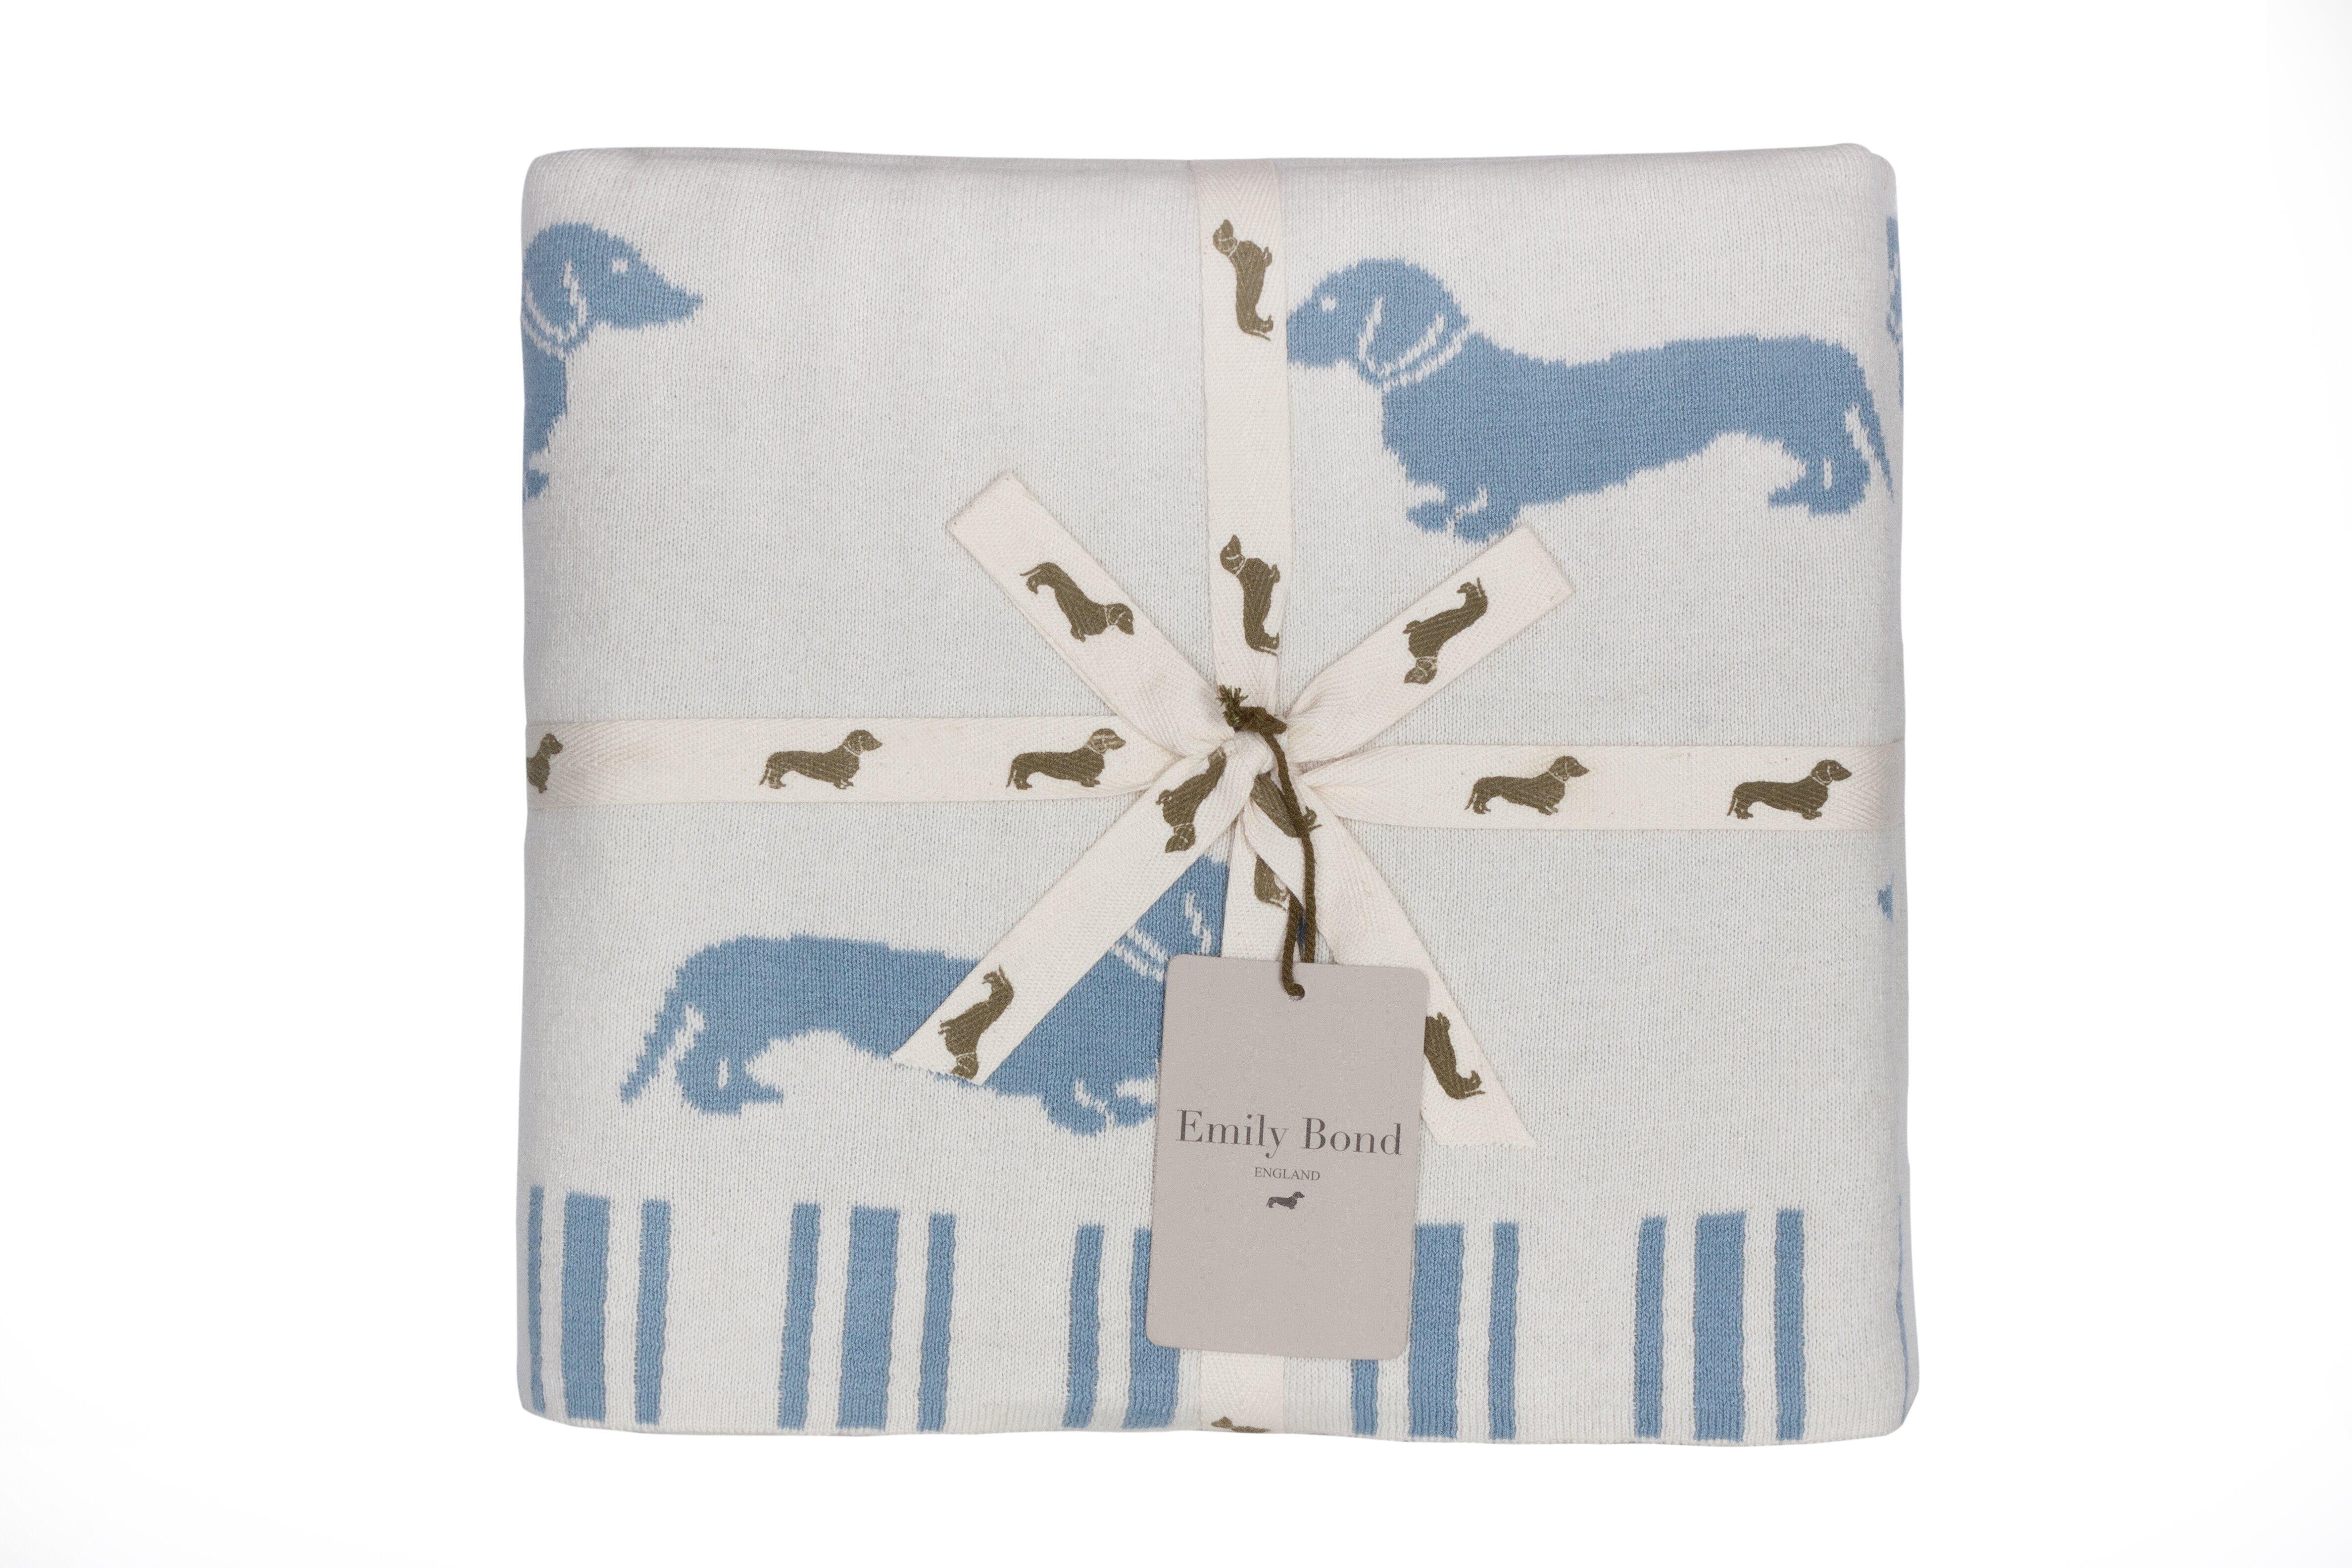 Emily Bond Dachshund Cotton Throw | Wayfair.co.uk